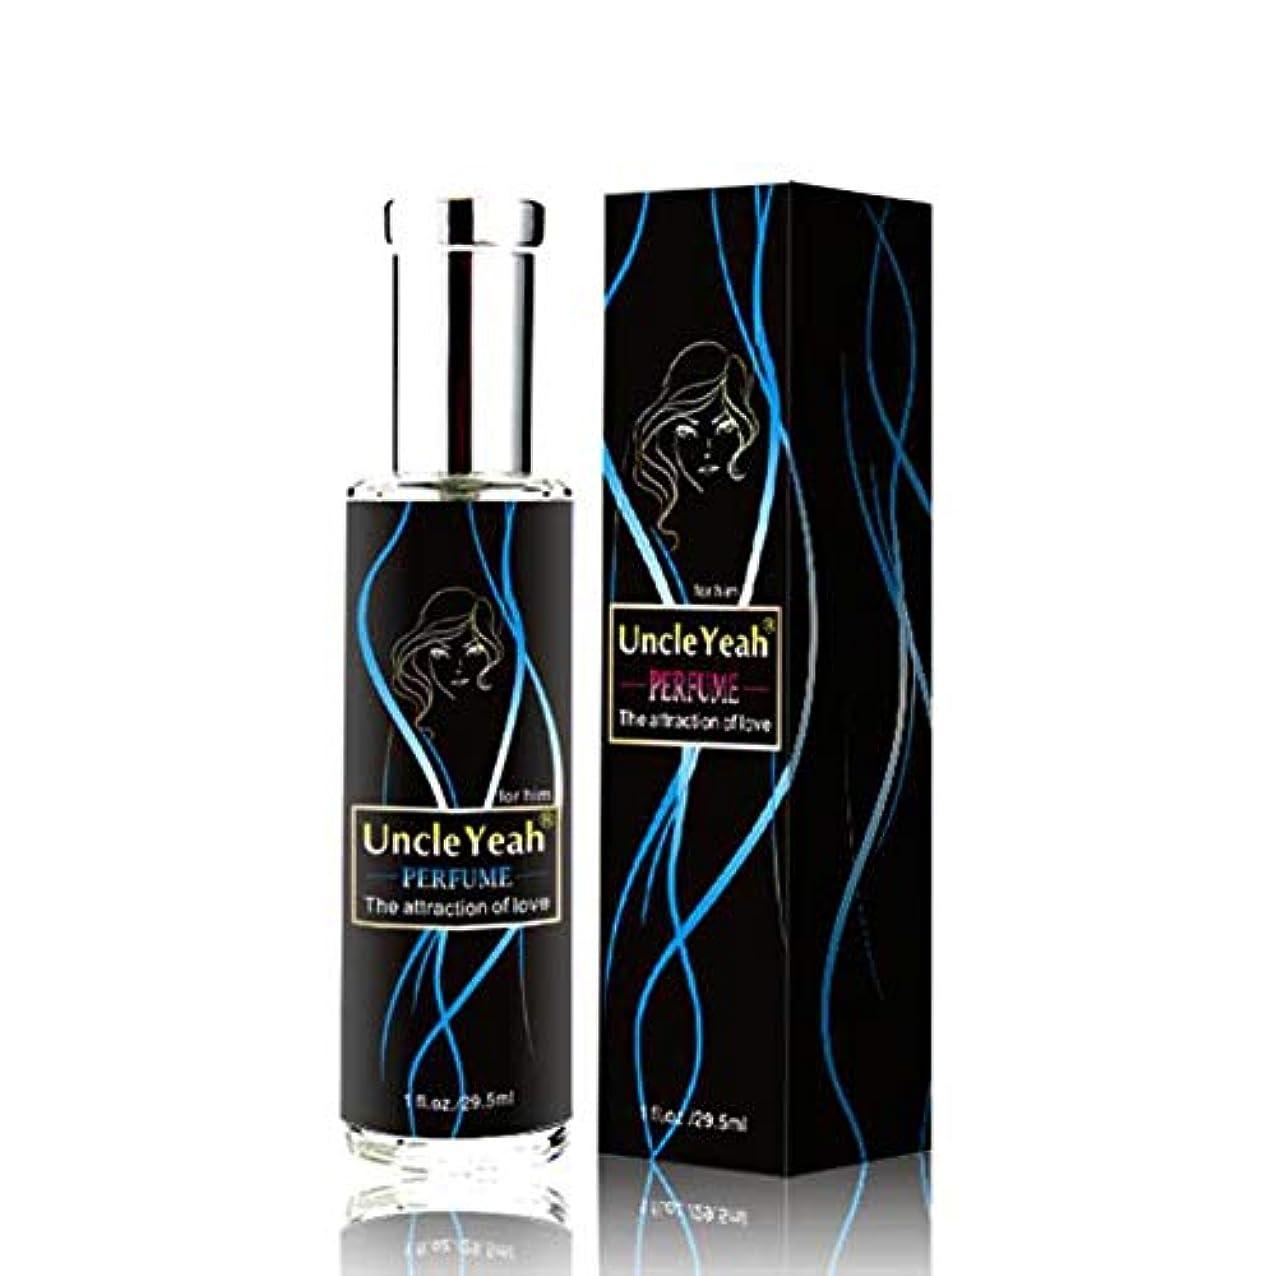 マダム必要としている輪郭Moresave 男性用フェロモン香水 魅力をアップ 女性にもてる